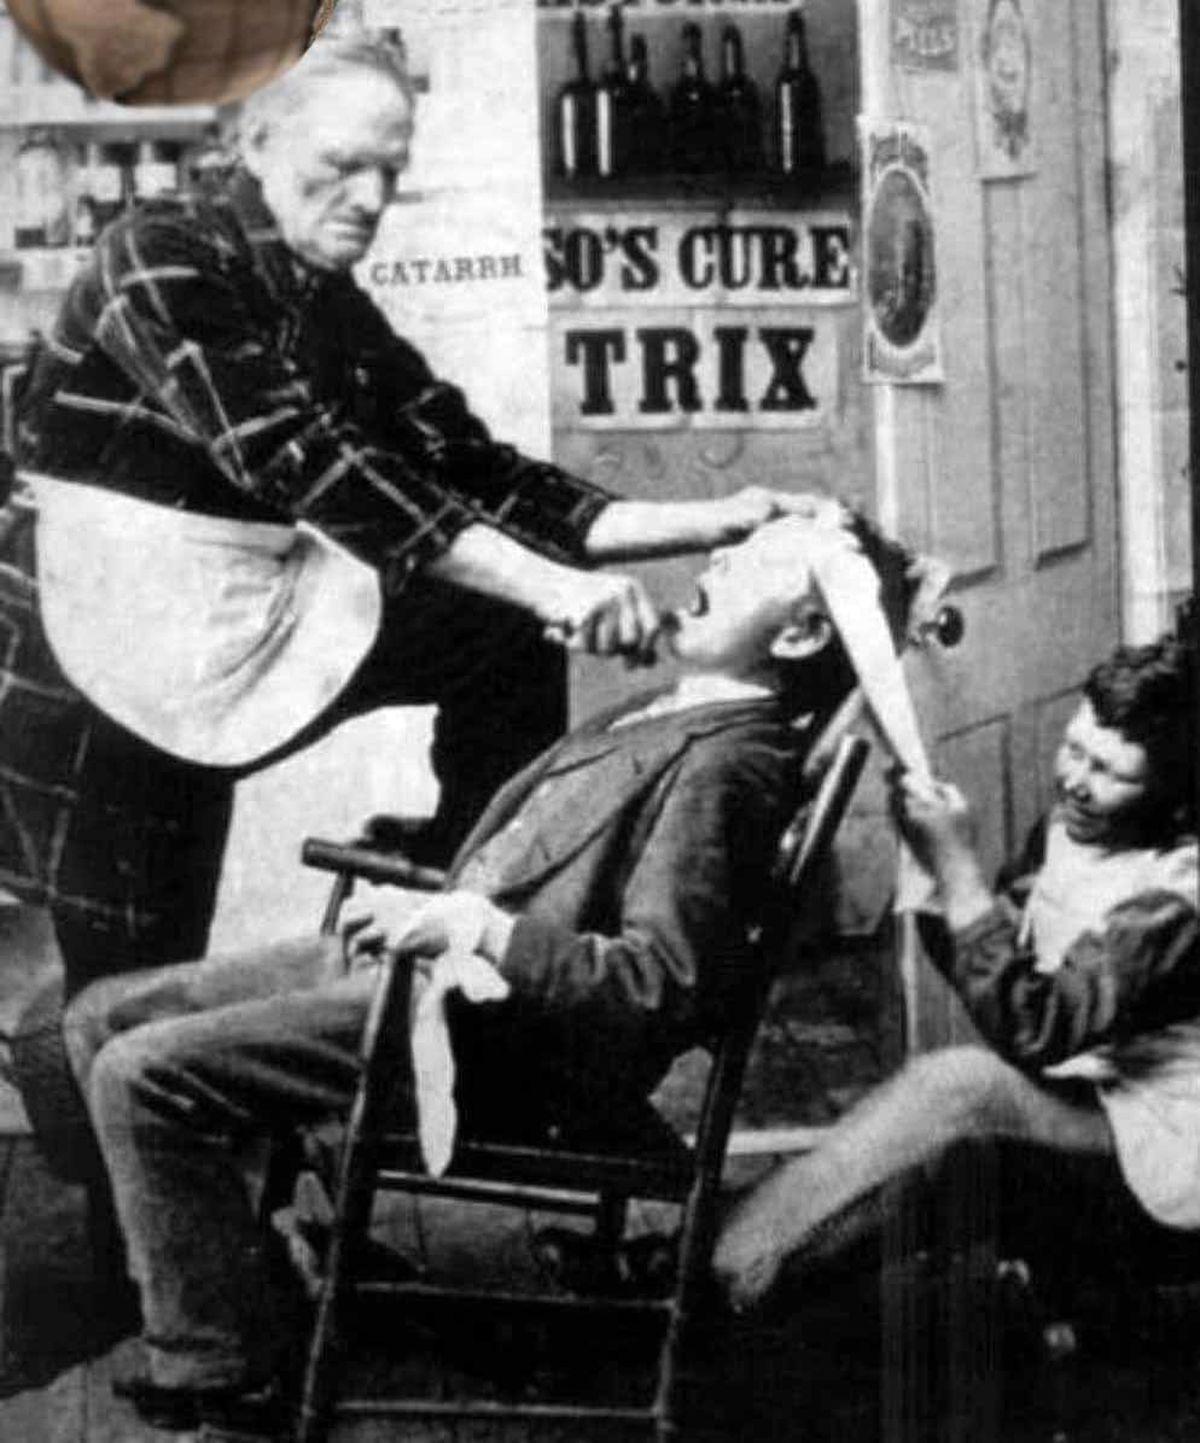 تصویر عجیب از روش کشیدن دندان در یک قرن پیش